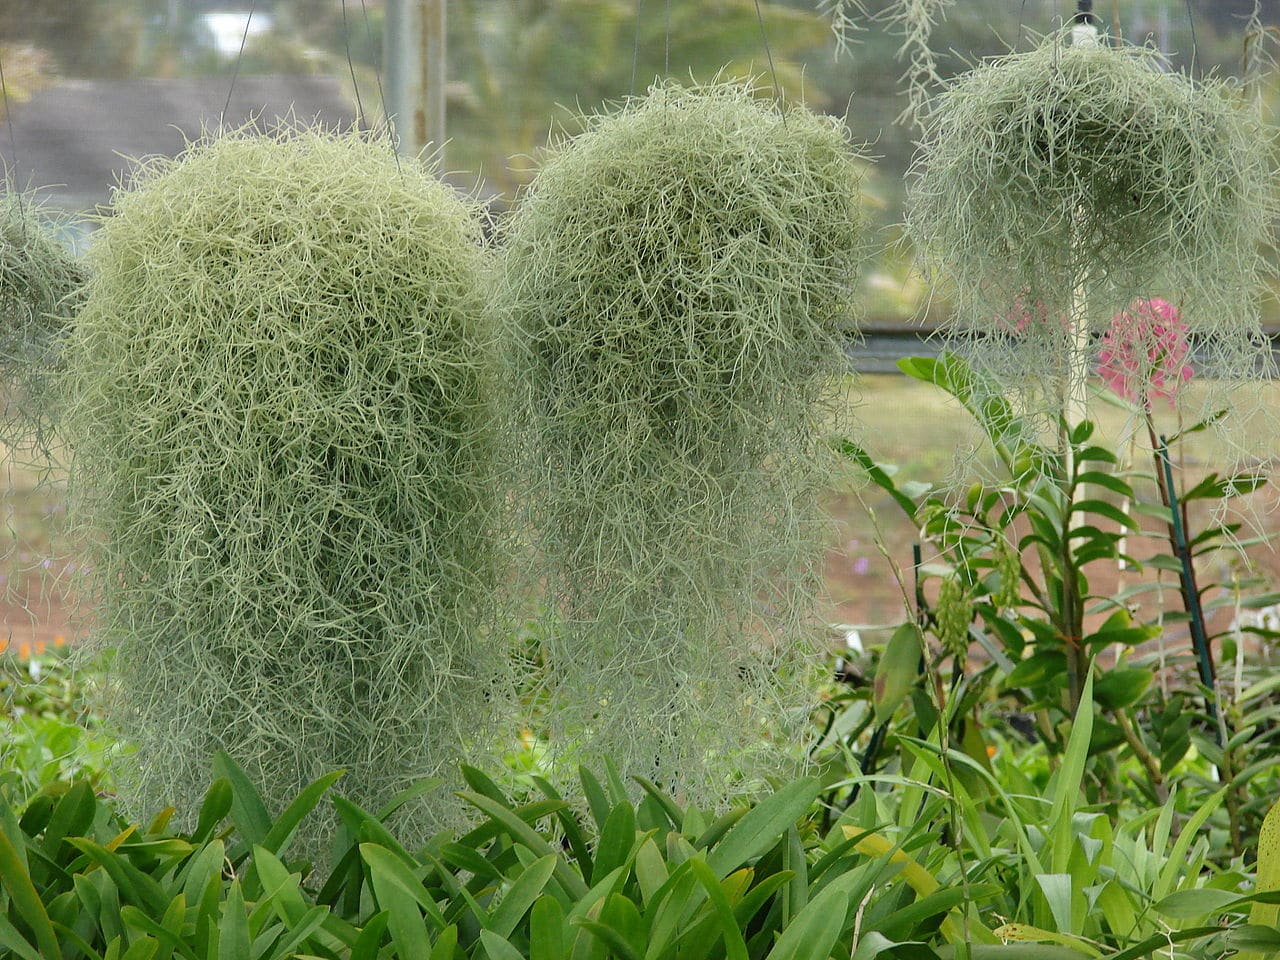 El musgo español es una bromelia epífita